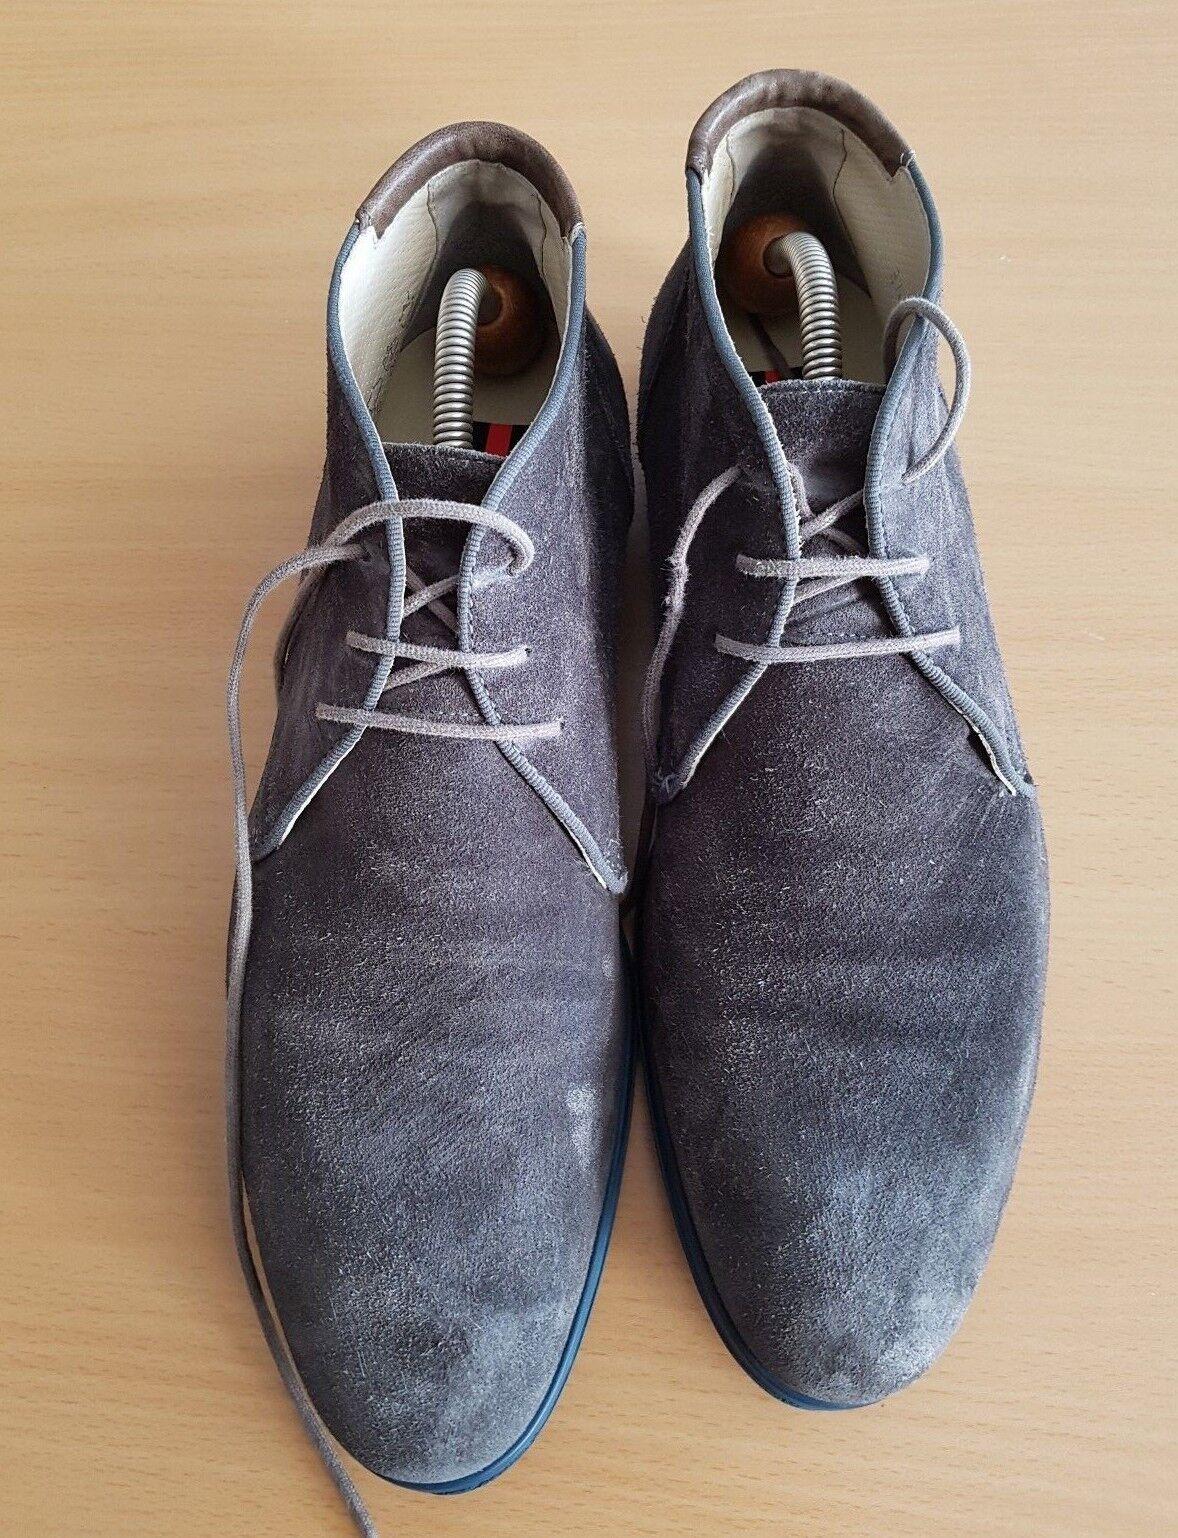 Lloyd Herren Stiefel 8.5 Stiefel Stiefeletten Wildeder grau Gr. 8.5 Stiefel / 42.5 051d8d